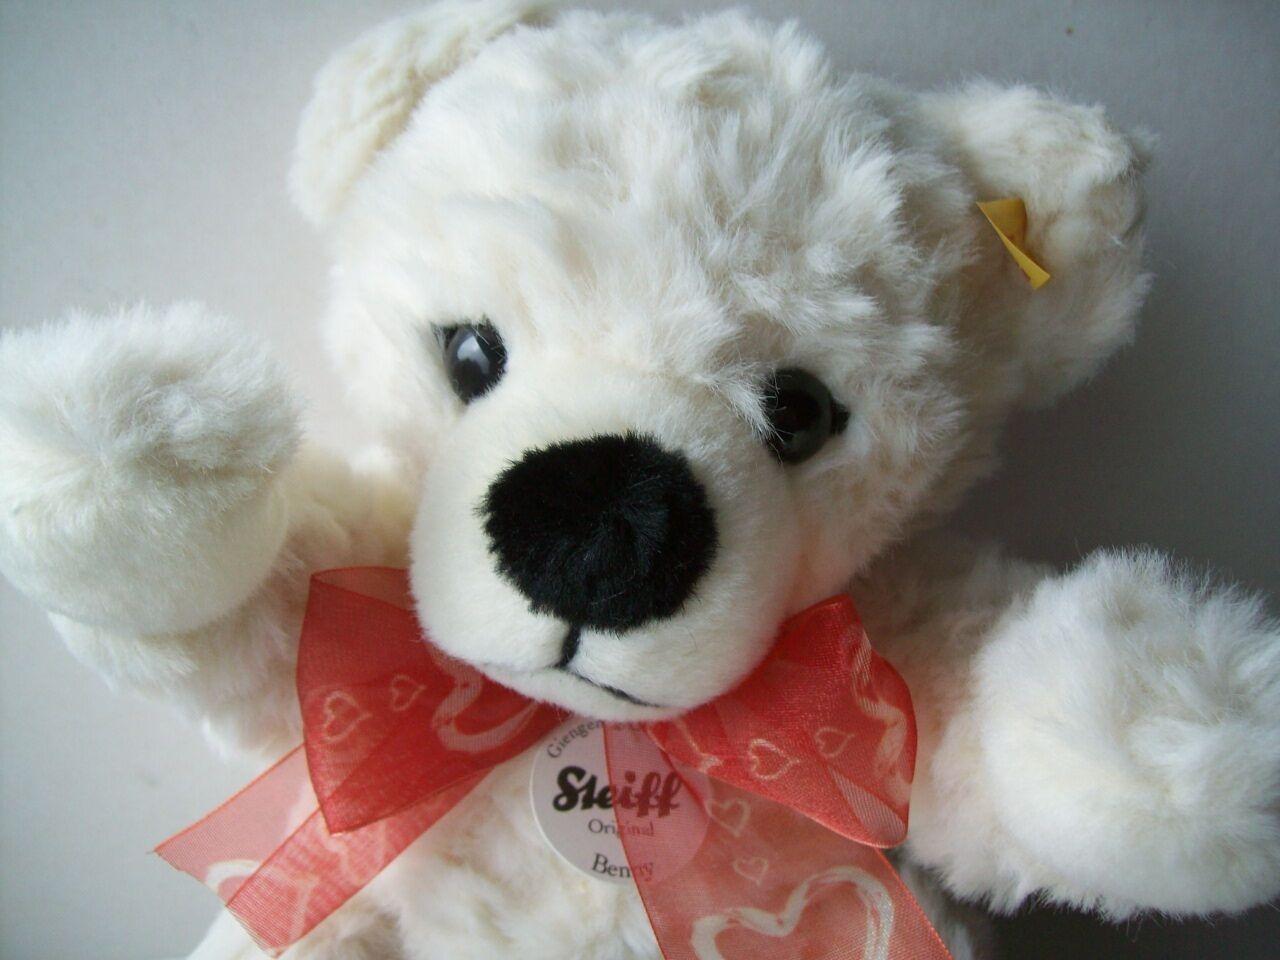 Cm Steiff Bear Teddy Stuffed Bear Teddy Animal Benny 28 exCWrdBo